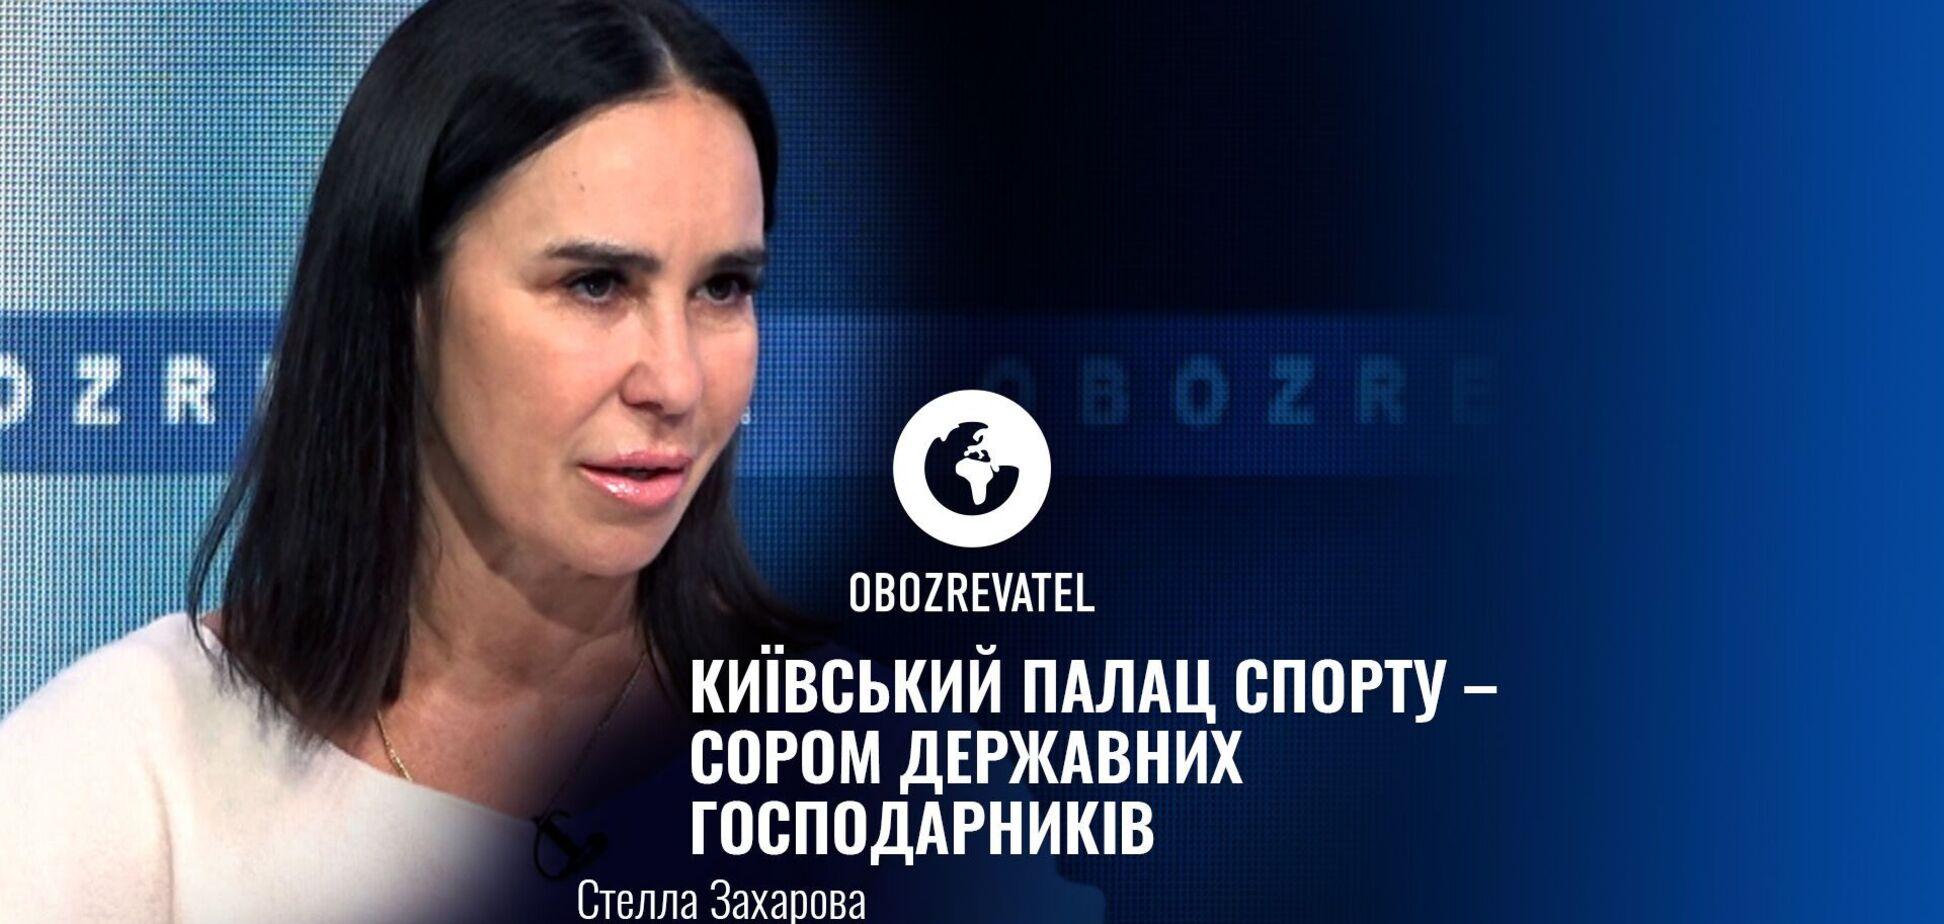 Стелла Захарова: киевский Дворец Спорта - стыд государственных хозяйственников